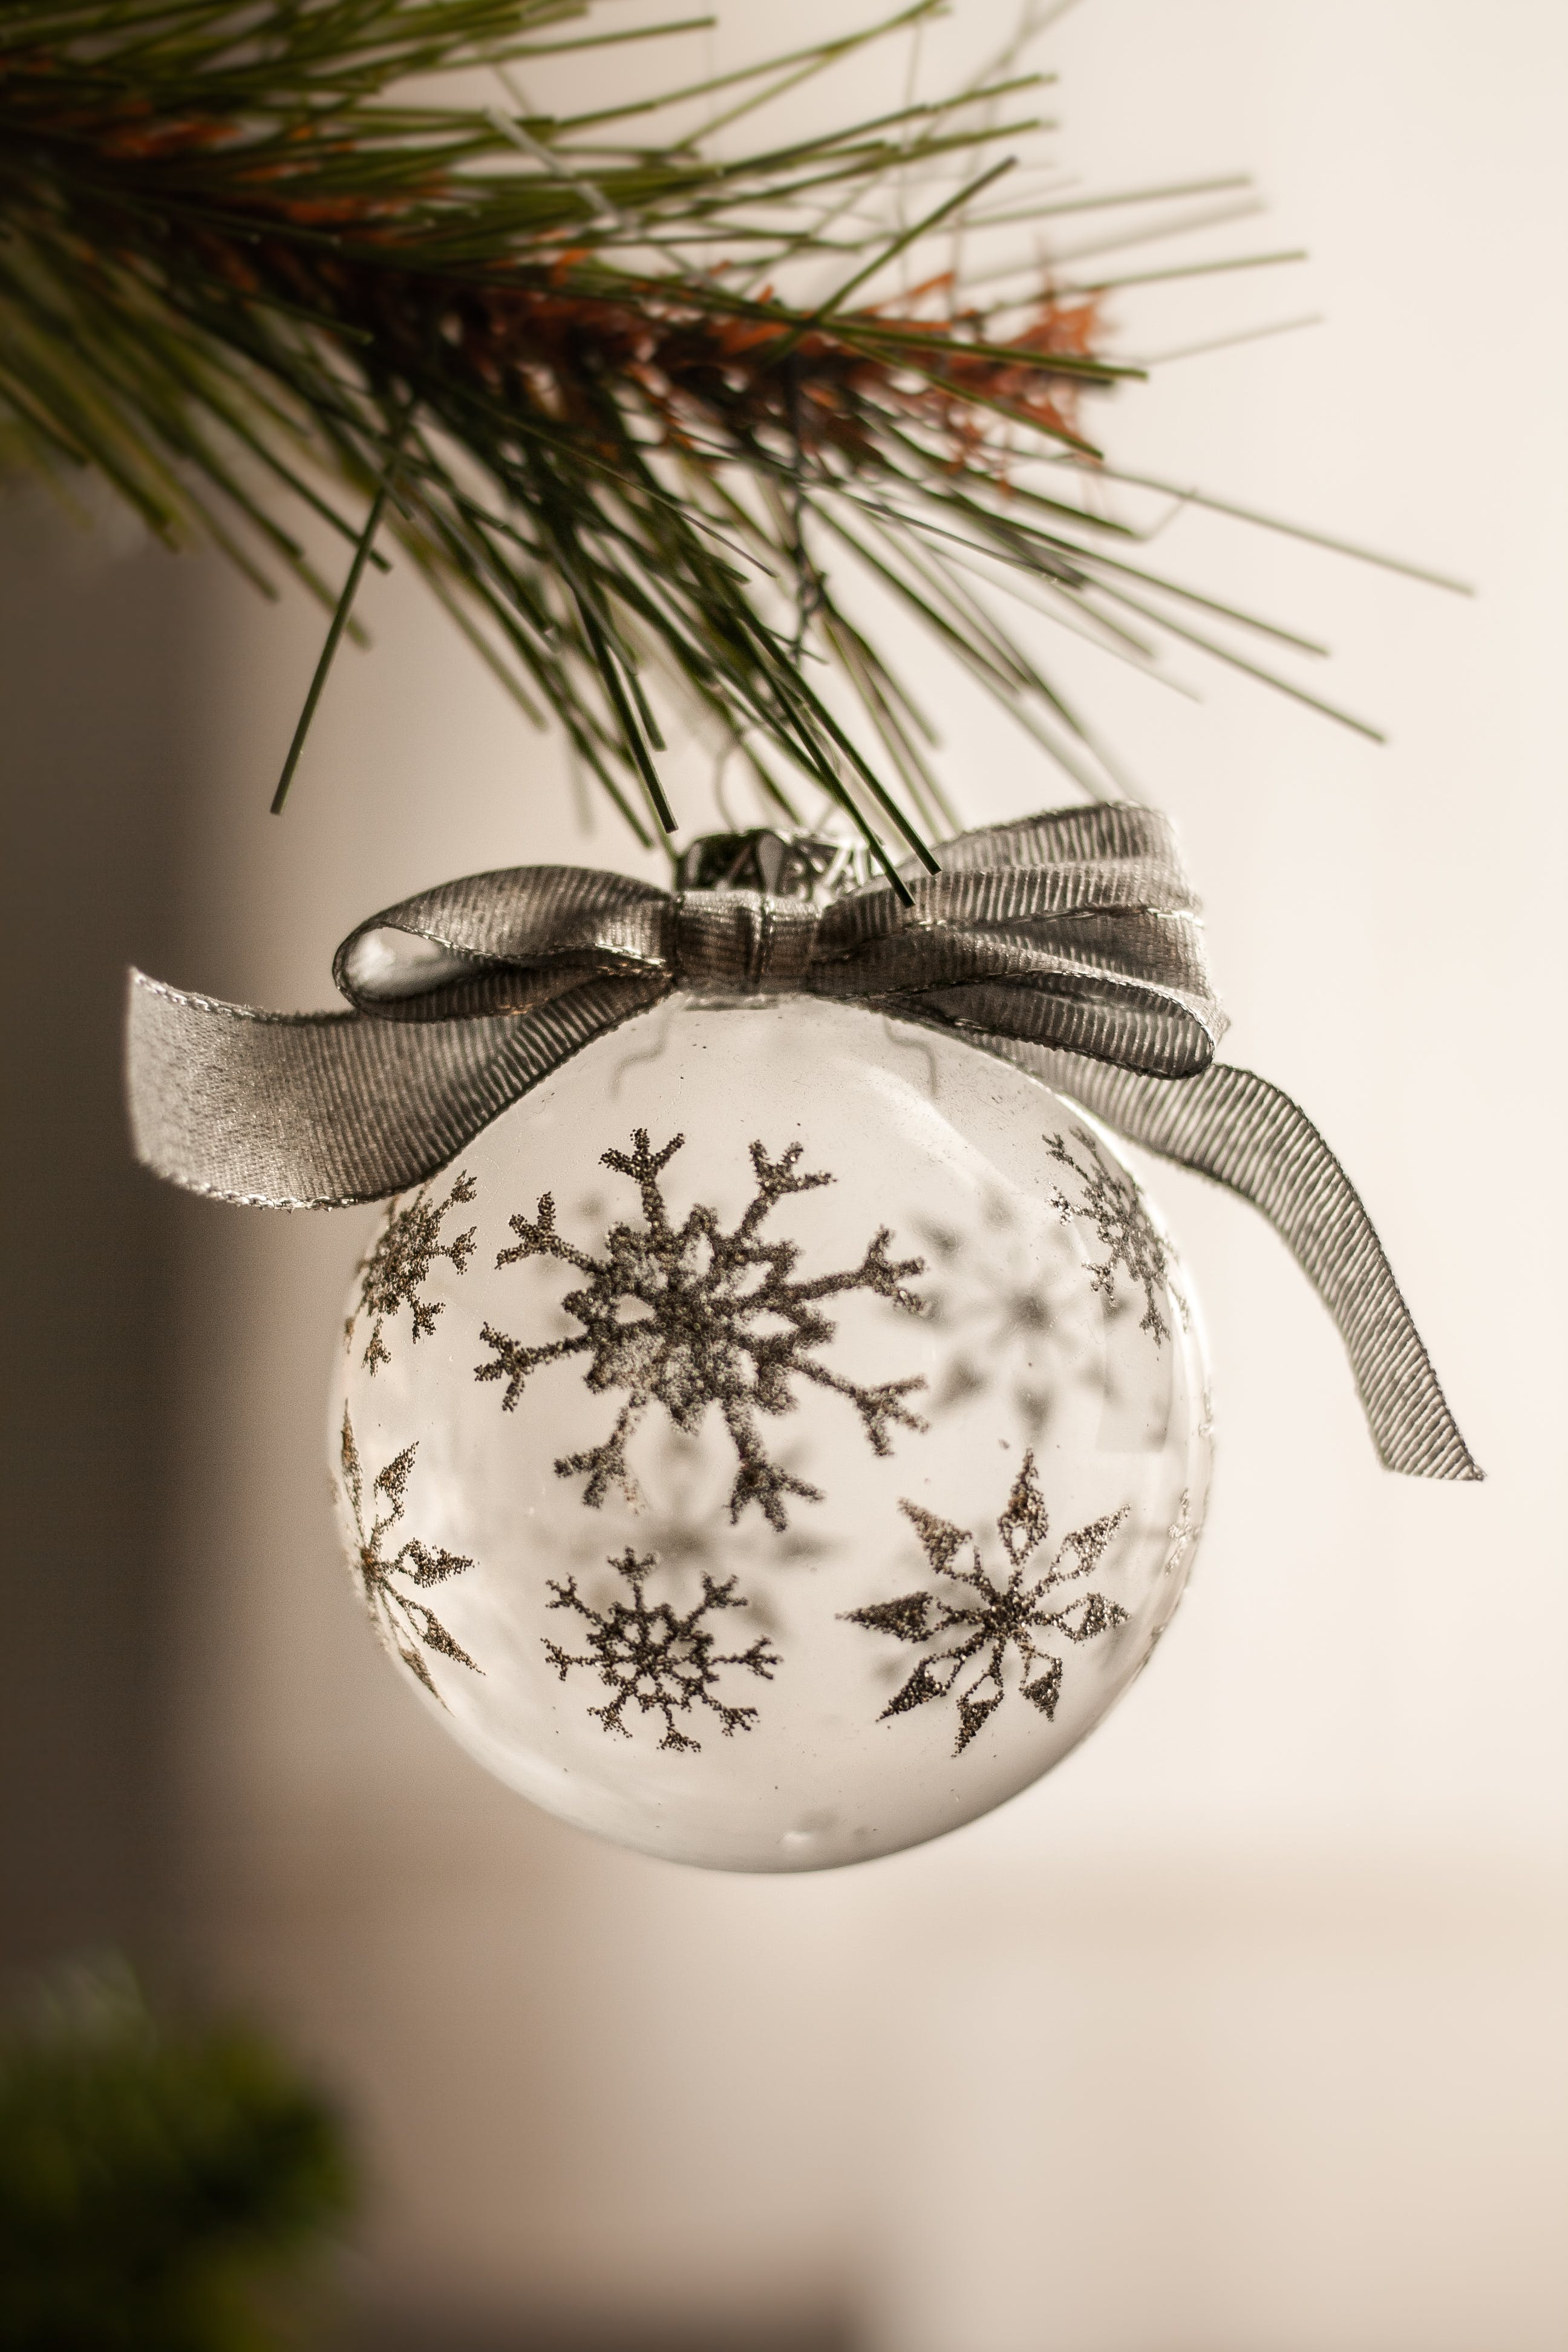 Gratis lagerfoto af close-up, hængende, juledekoration, julekugle